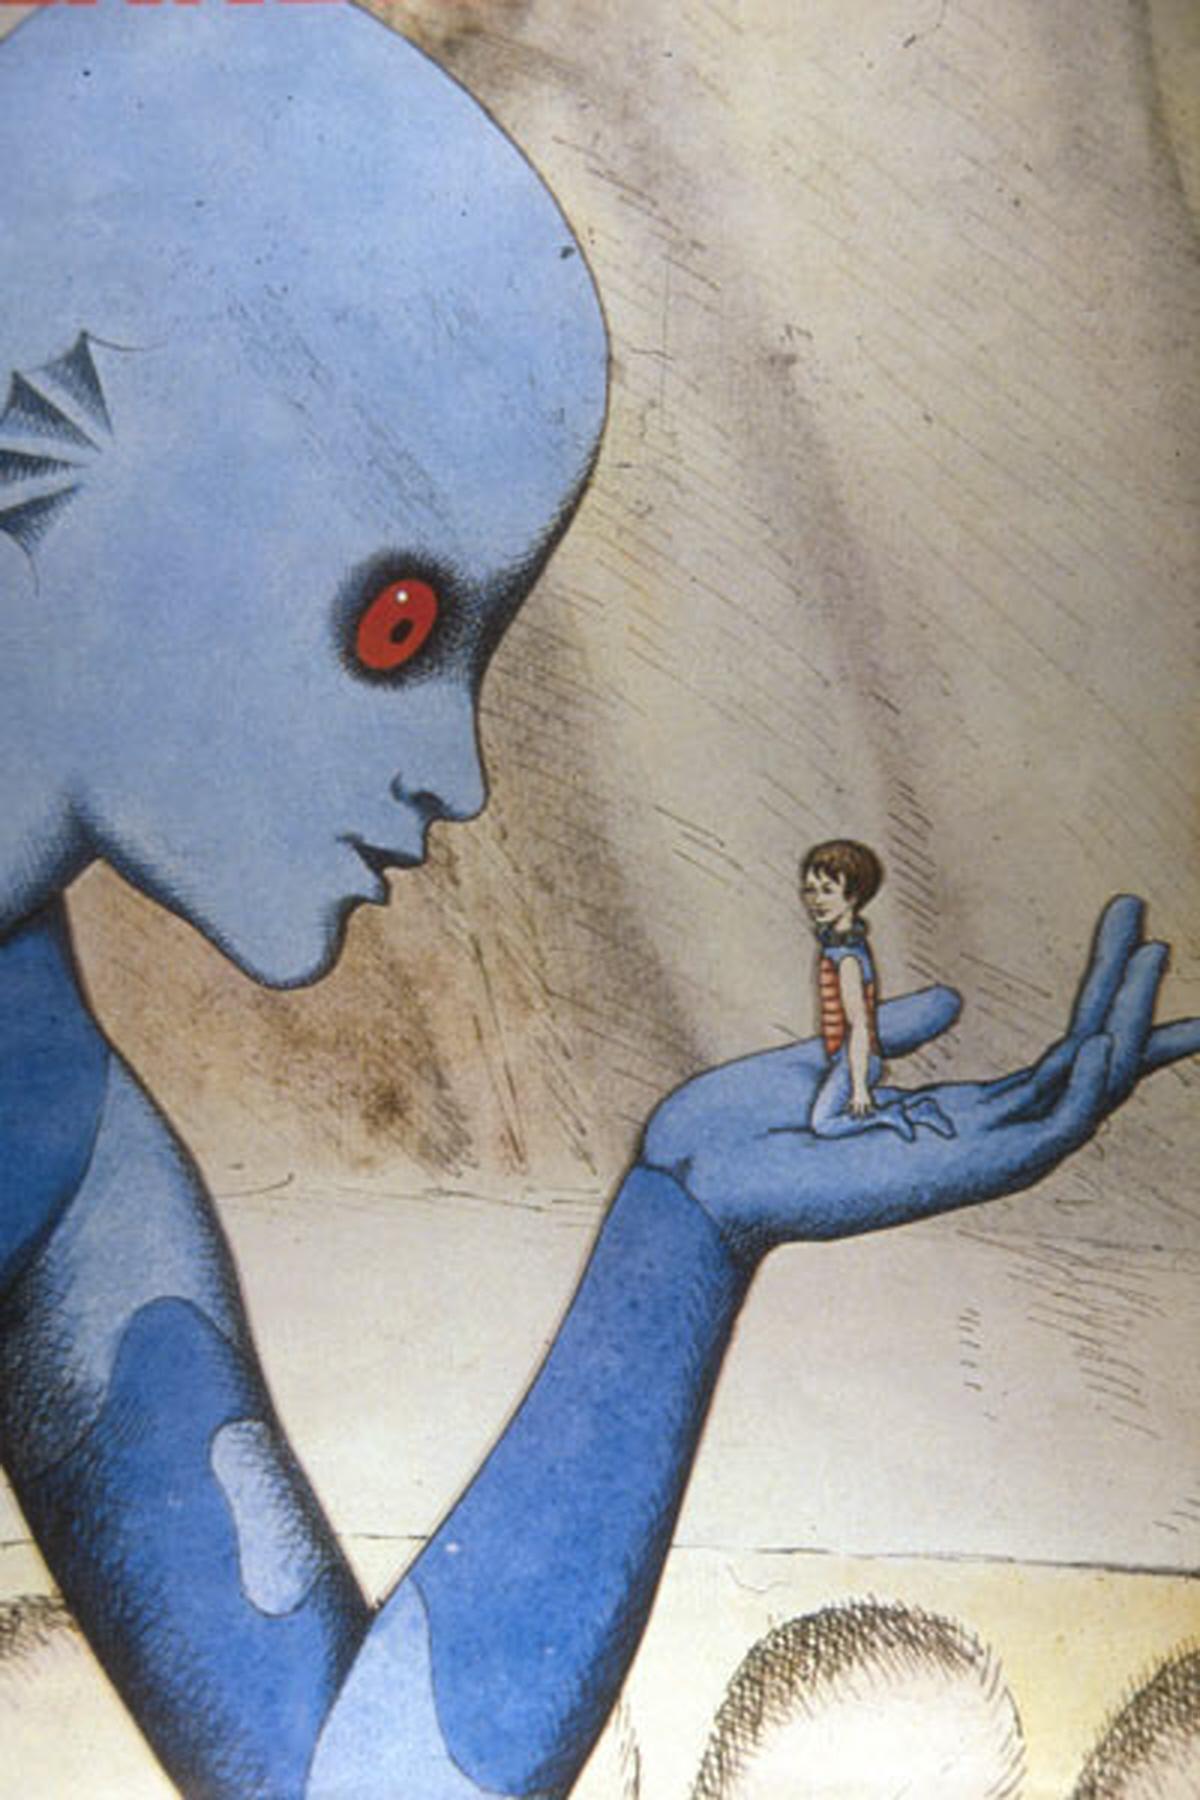 Topor dessin de son film la Planète sauvage PArt.2-Atlaneastro